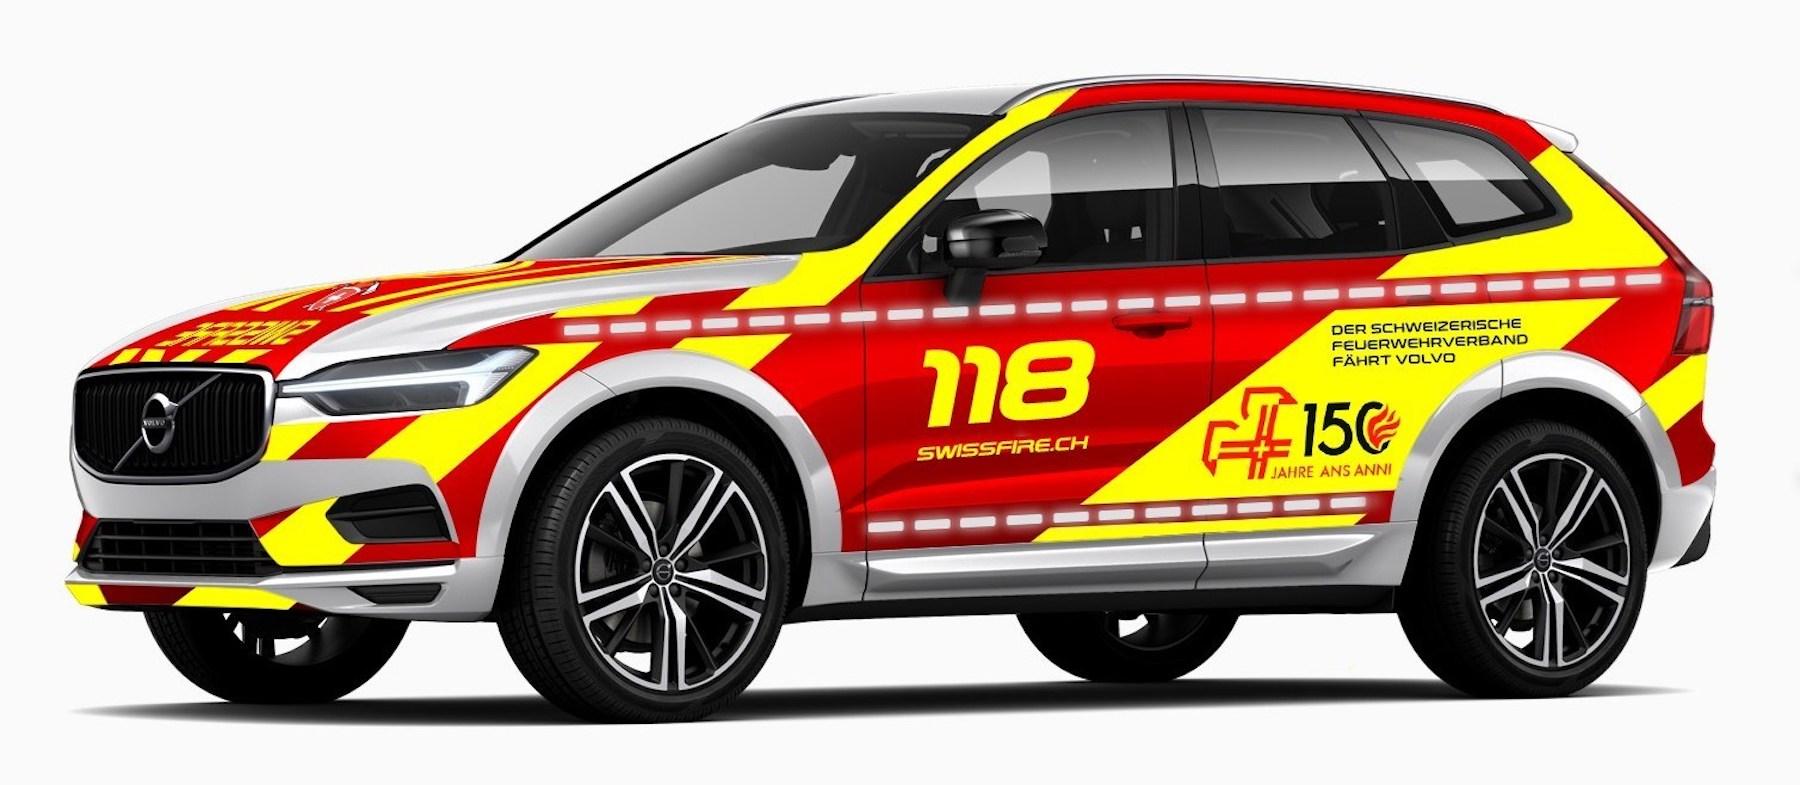 Volvo XC60 Schweizerischer Feuerwehrverband